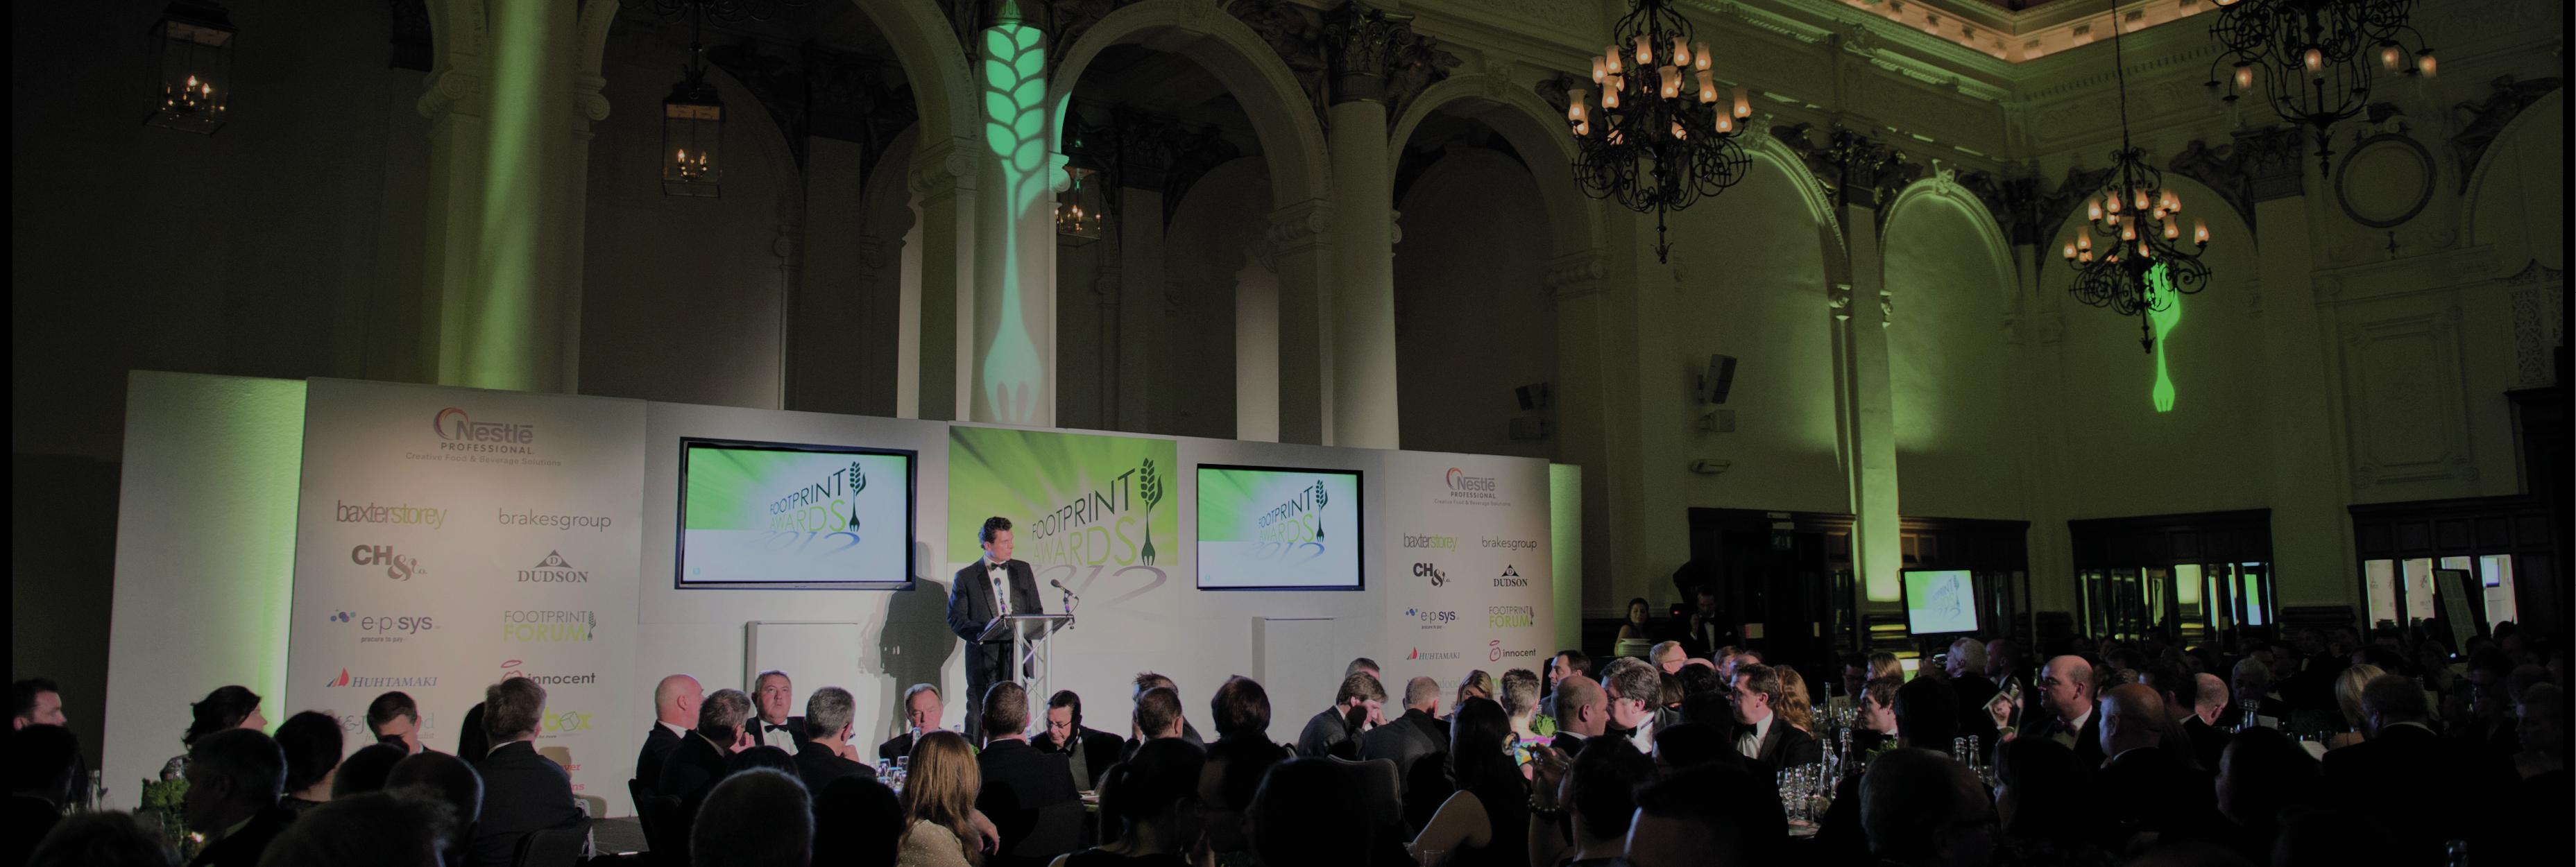 Winnow picks up prestigious Footprint Award.jpg